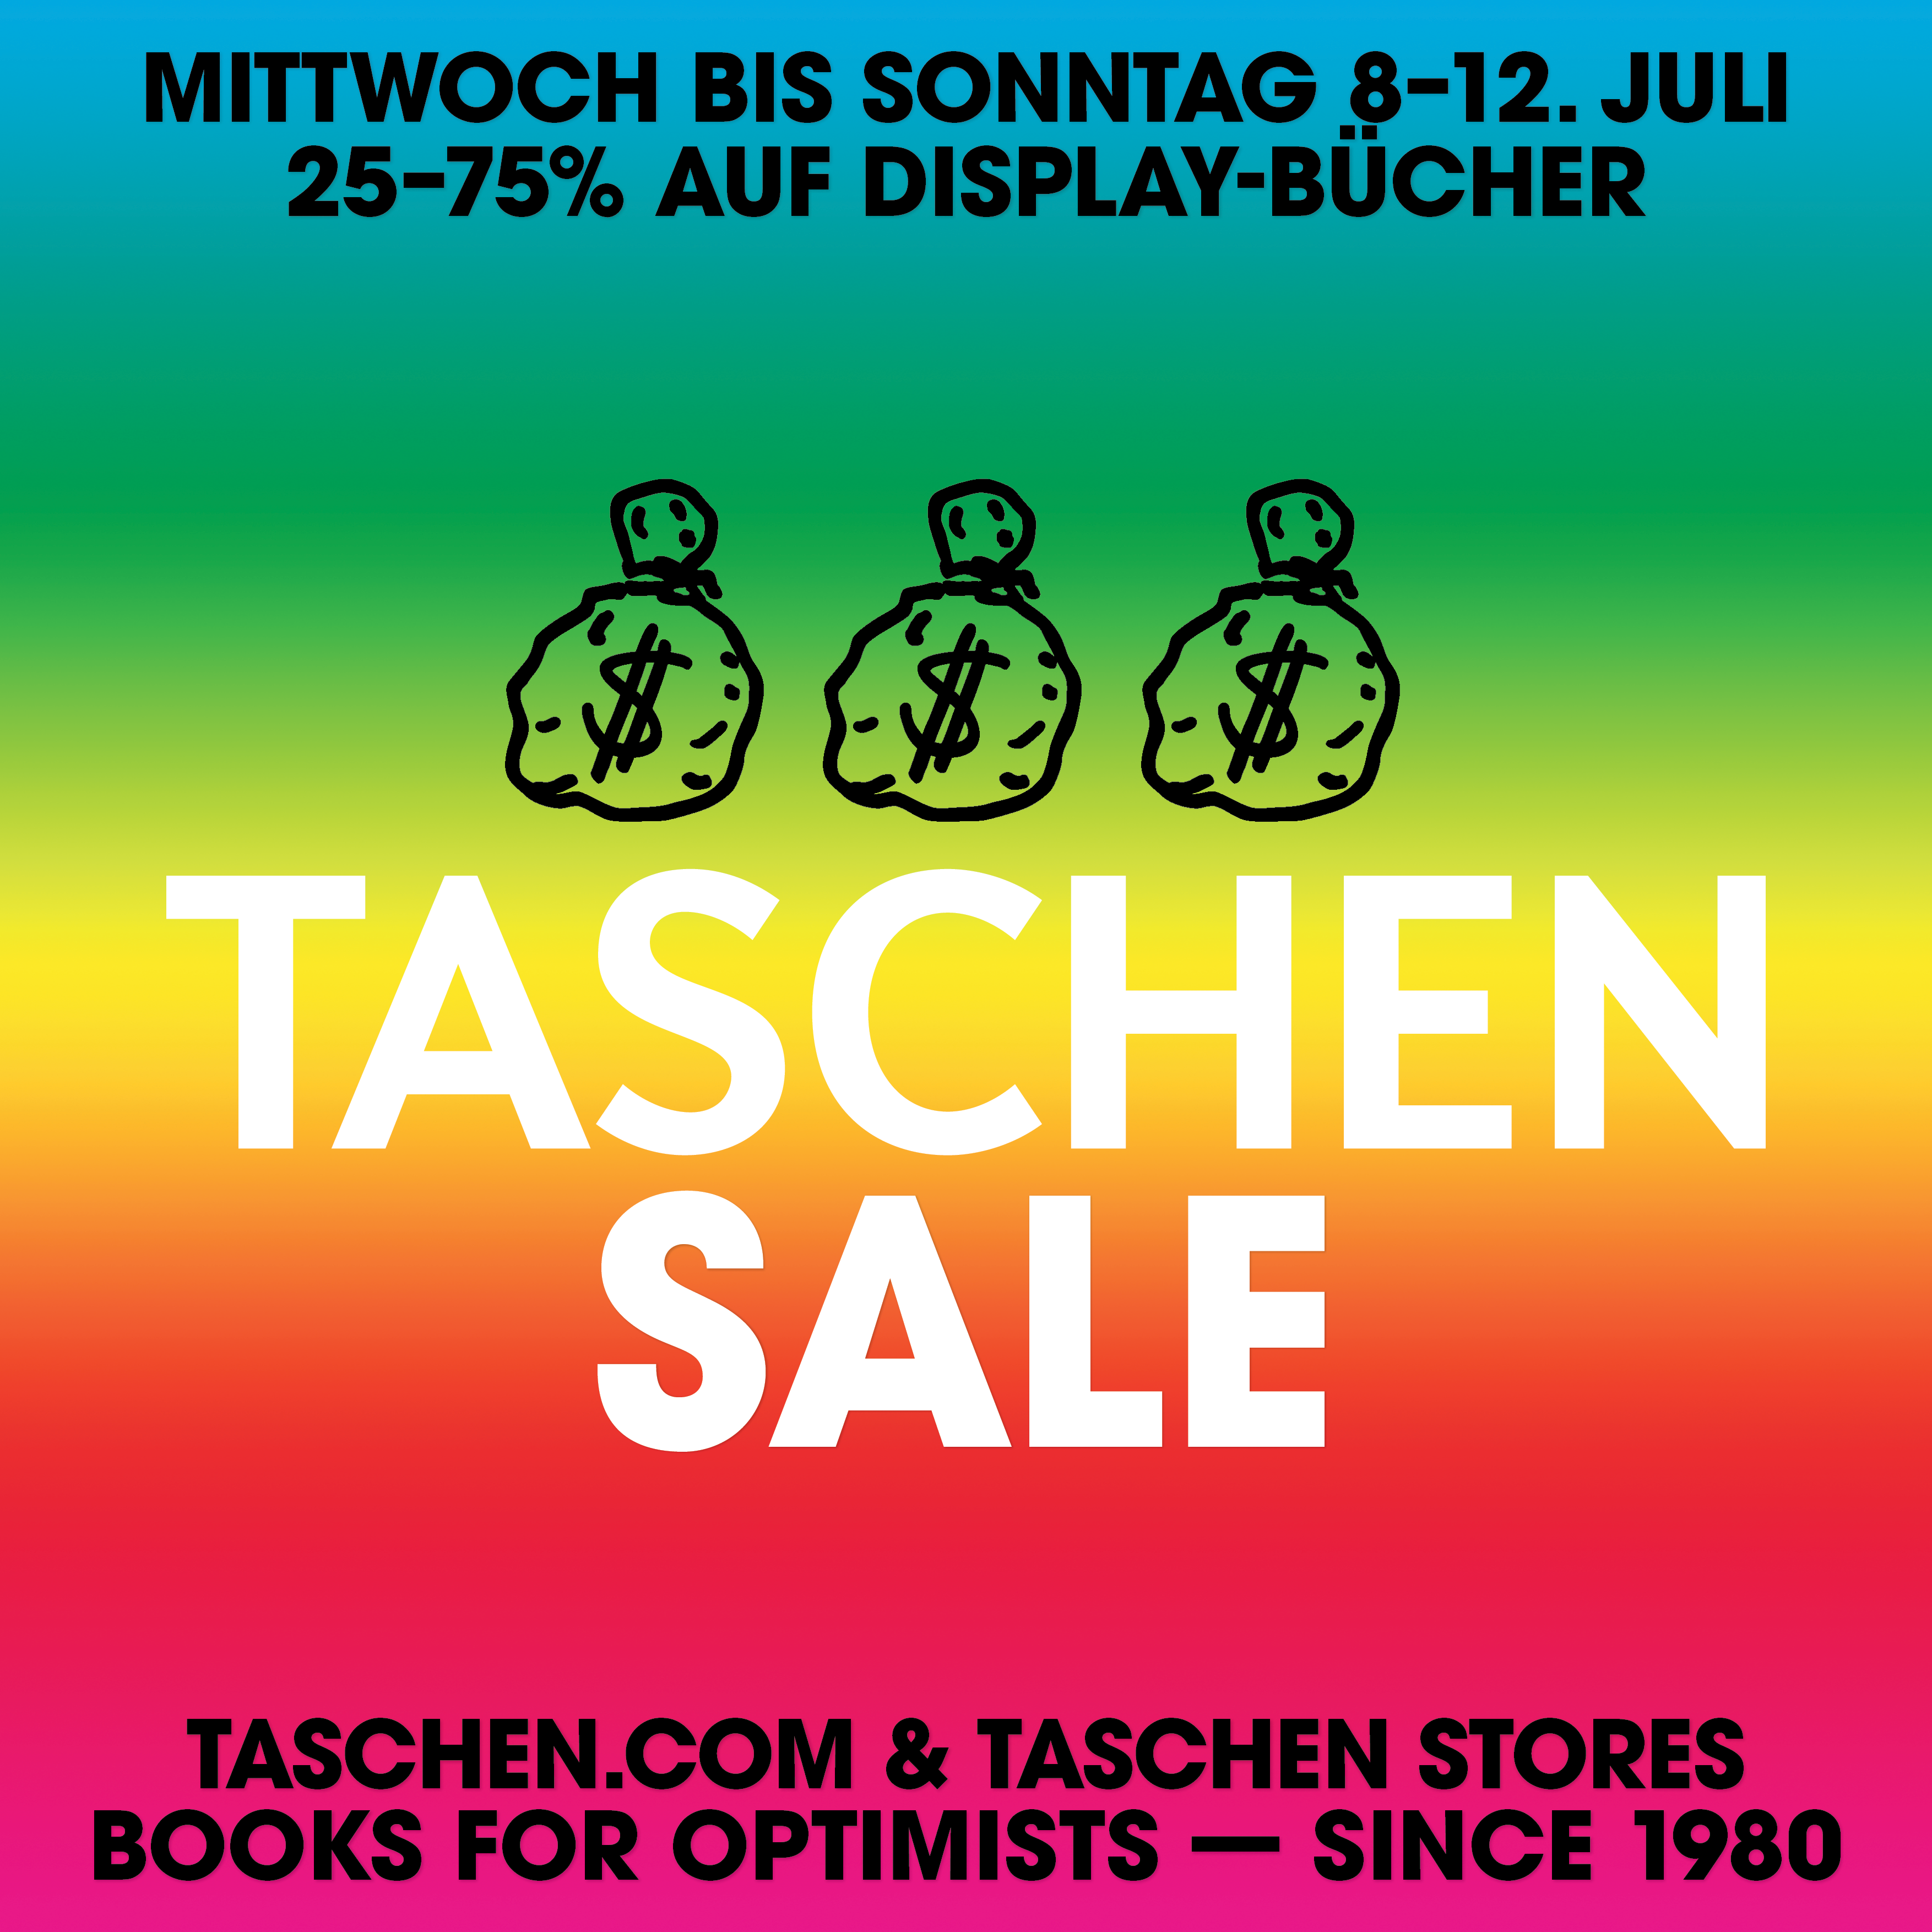 TaschenWHS_Poster_ADI_v05_CC17_2020-06-25_D